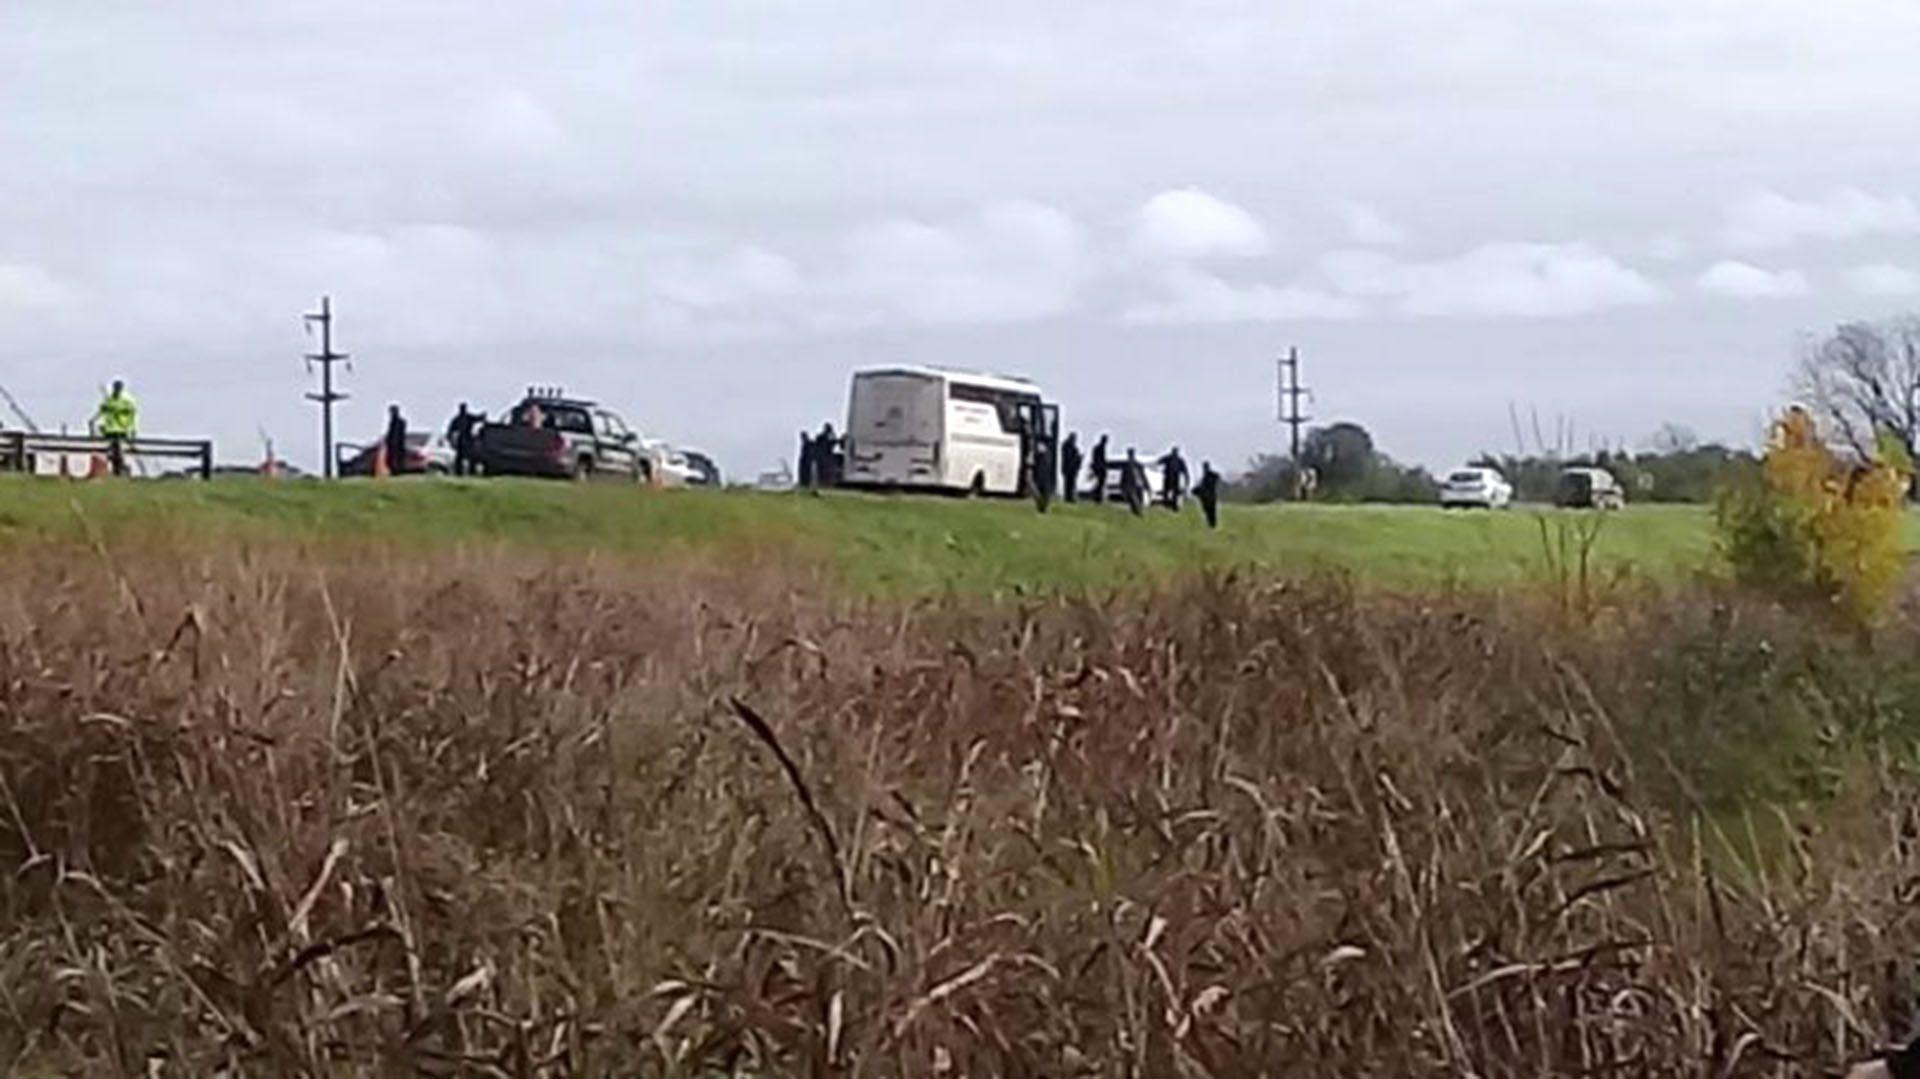 Lugar de la autopista Rosario-Santa Fe donde se escaparon los presos que eran tarsladados a la cárcel de Coronda (Gentileza: Rosario3.com)